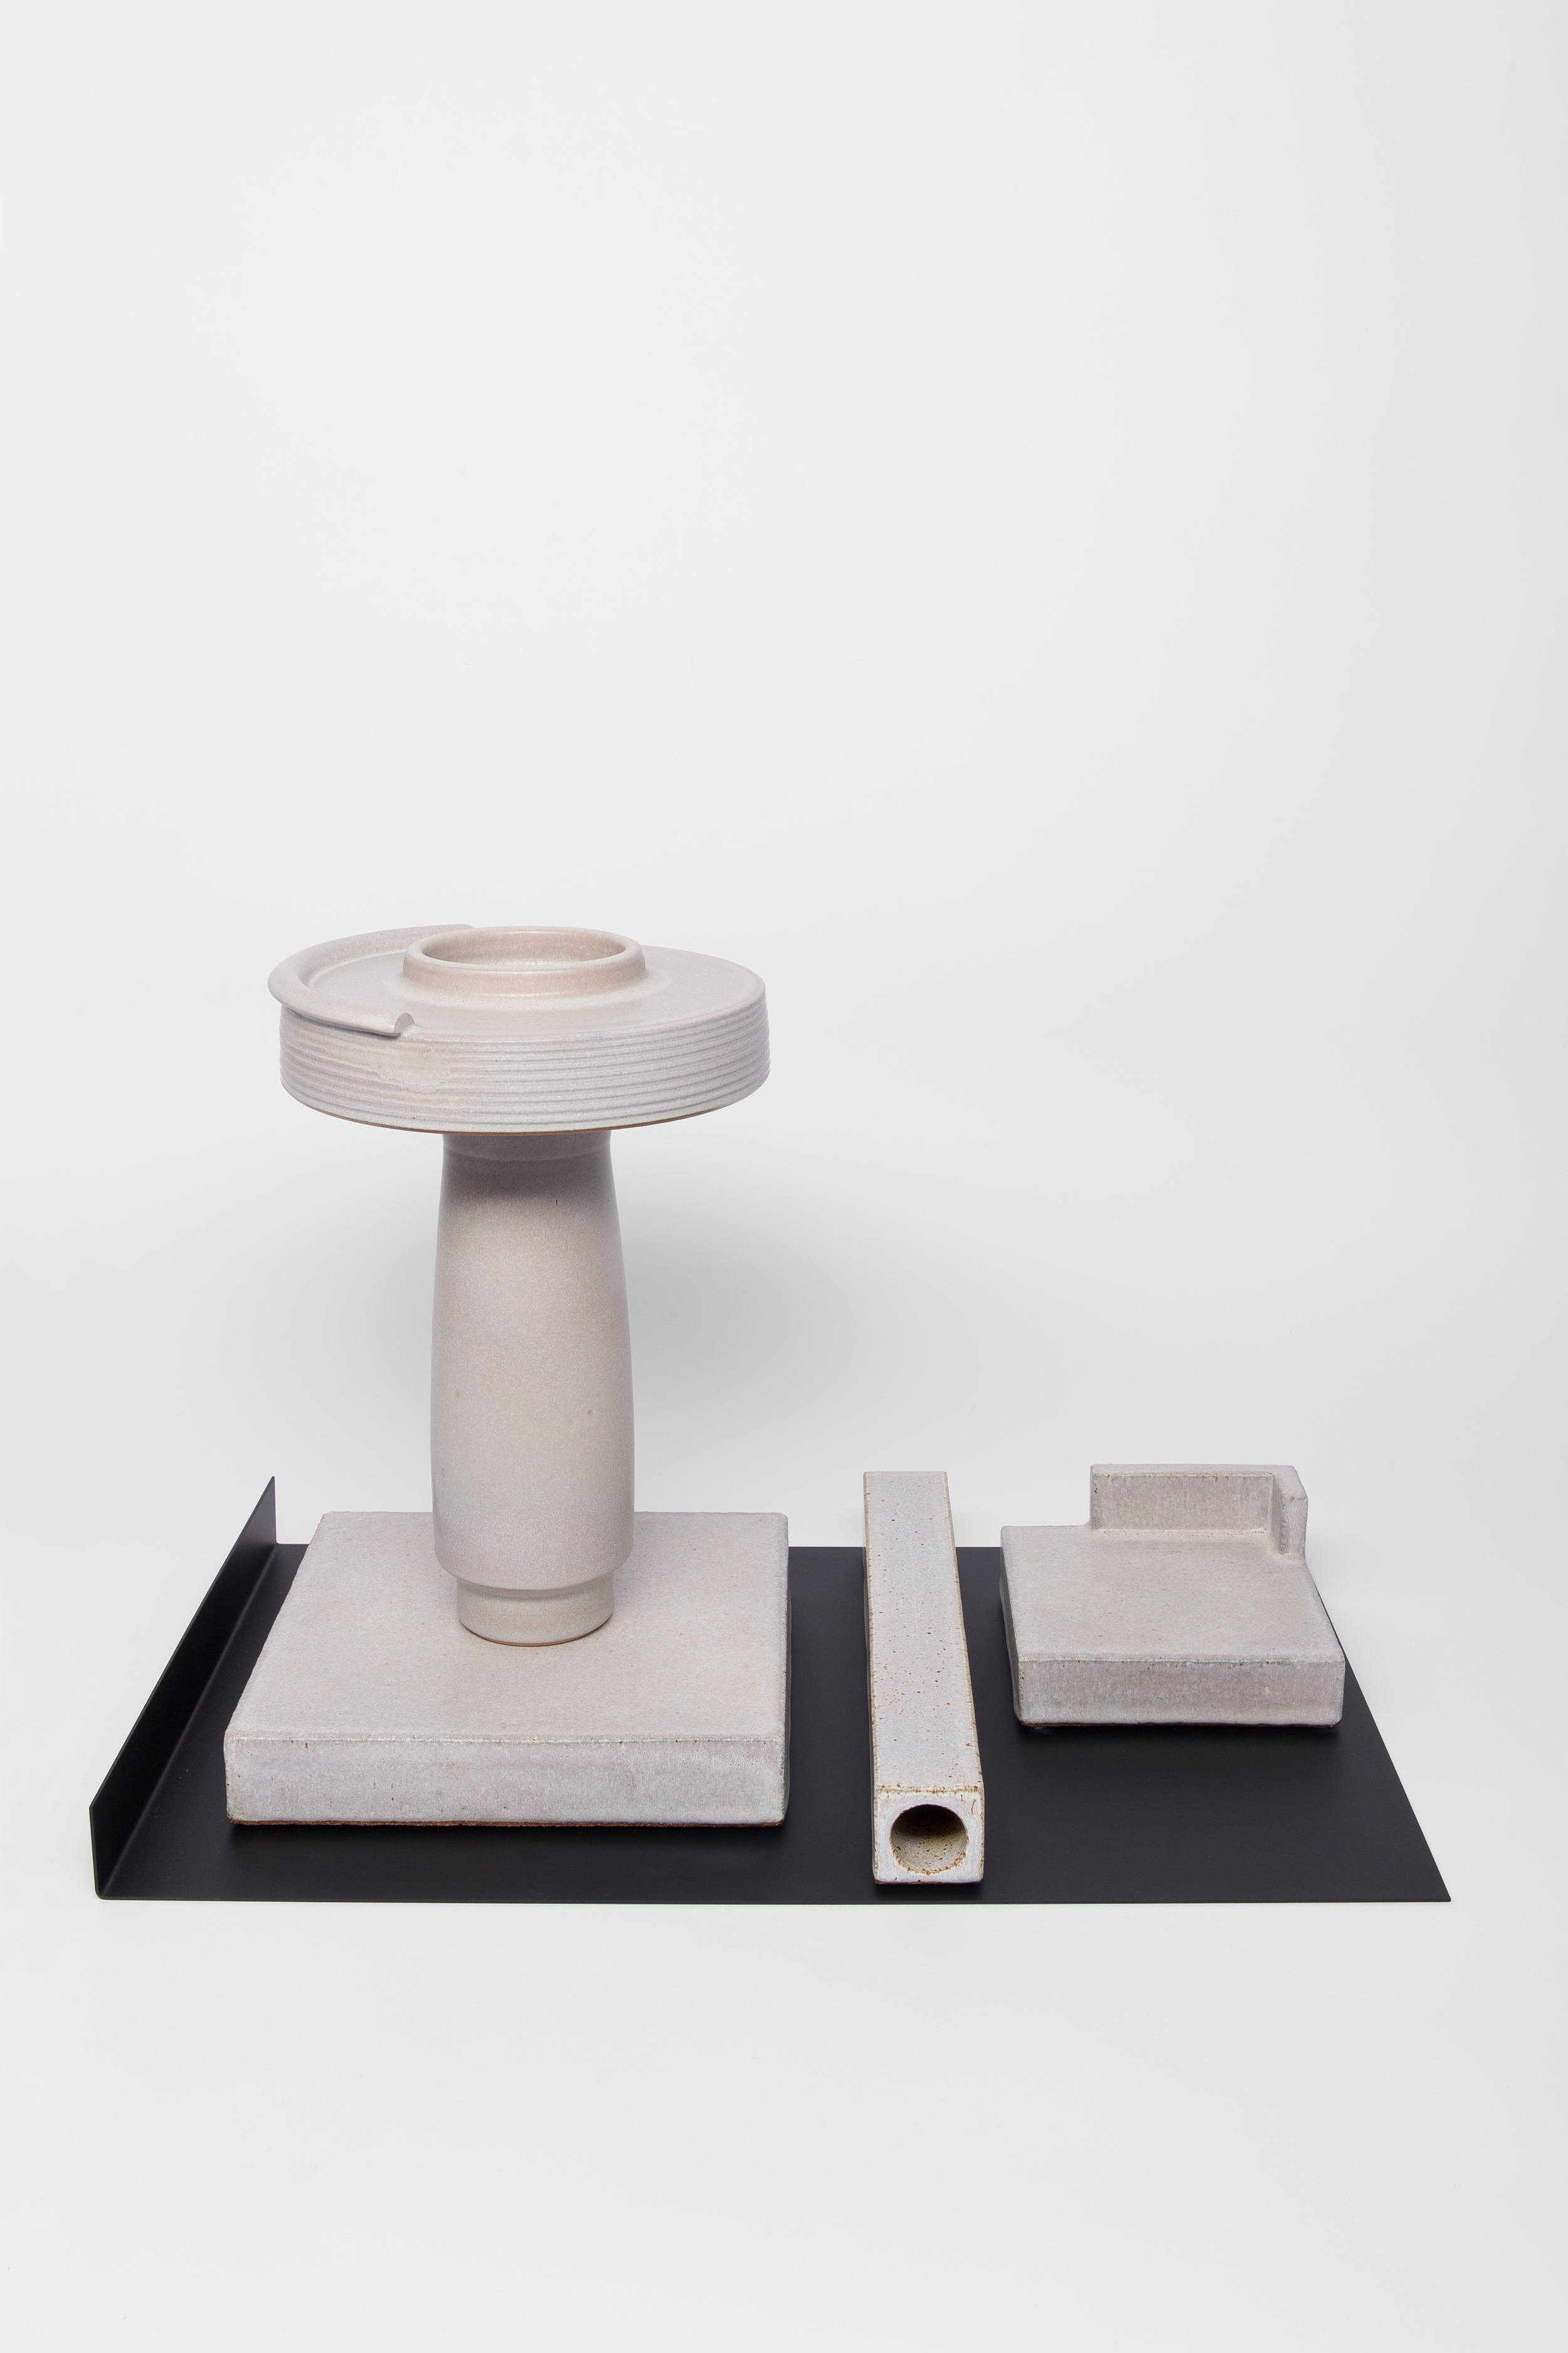 Studio Objects in Grey (w/black tray)